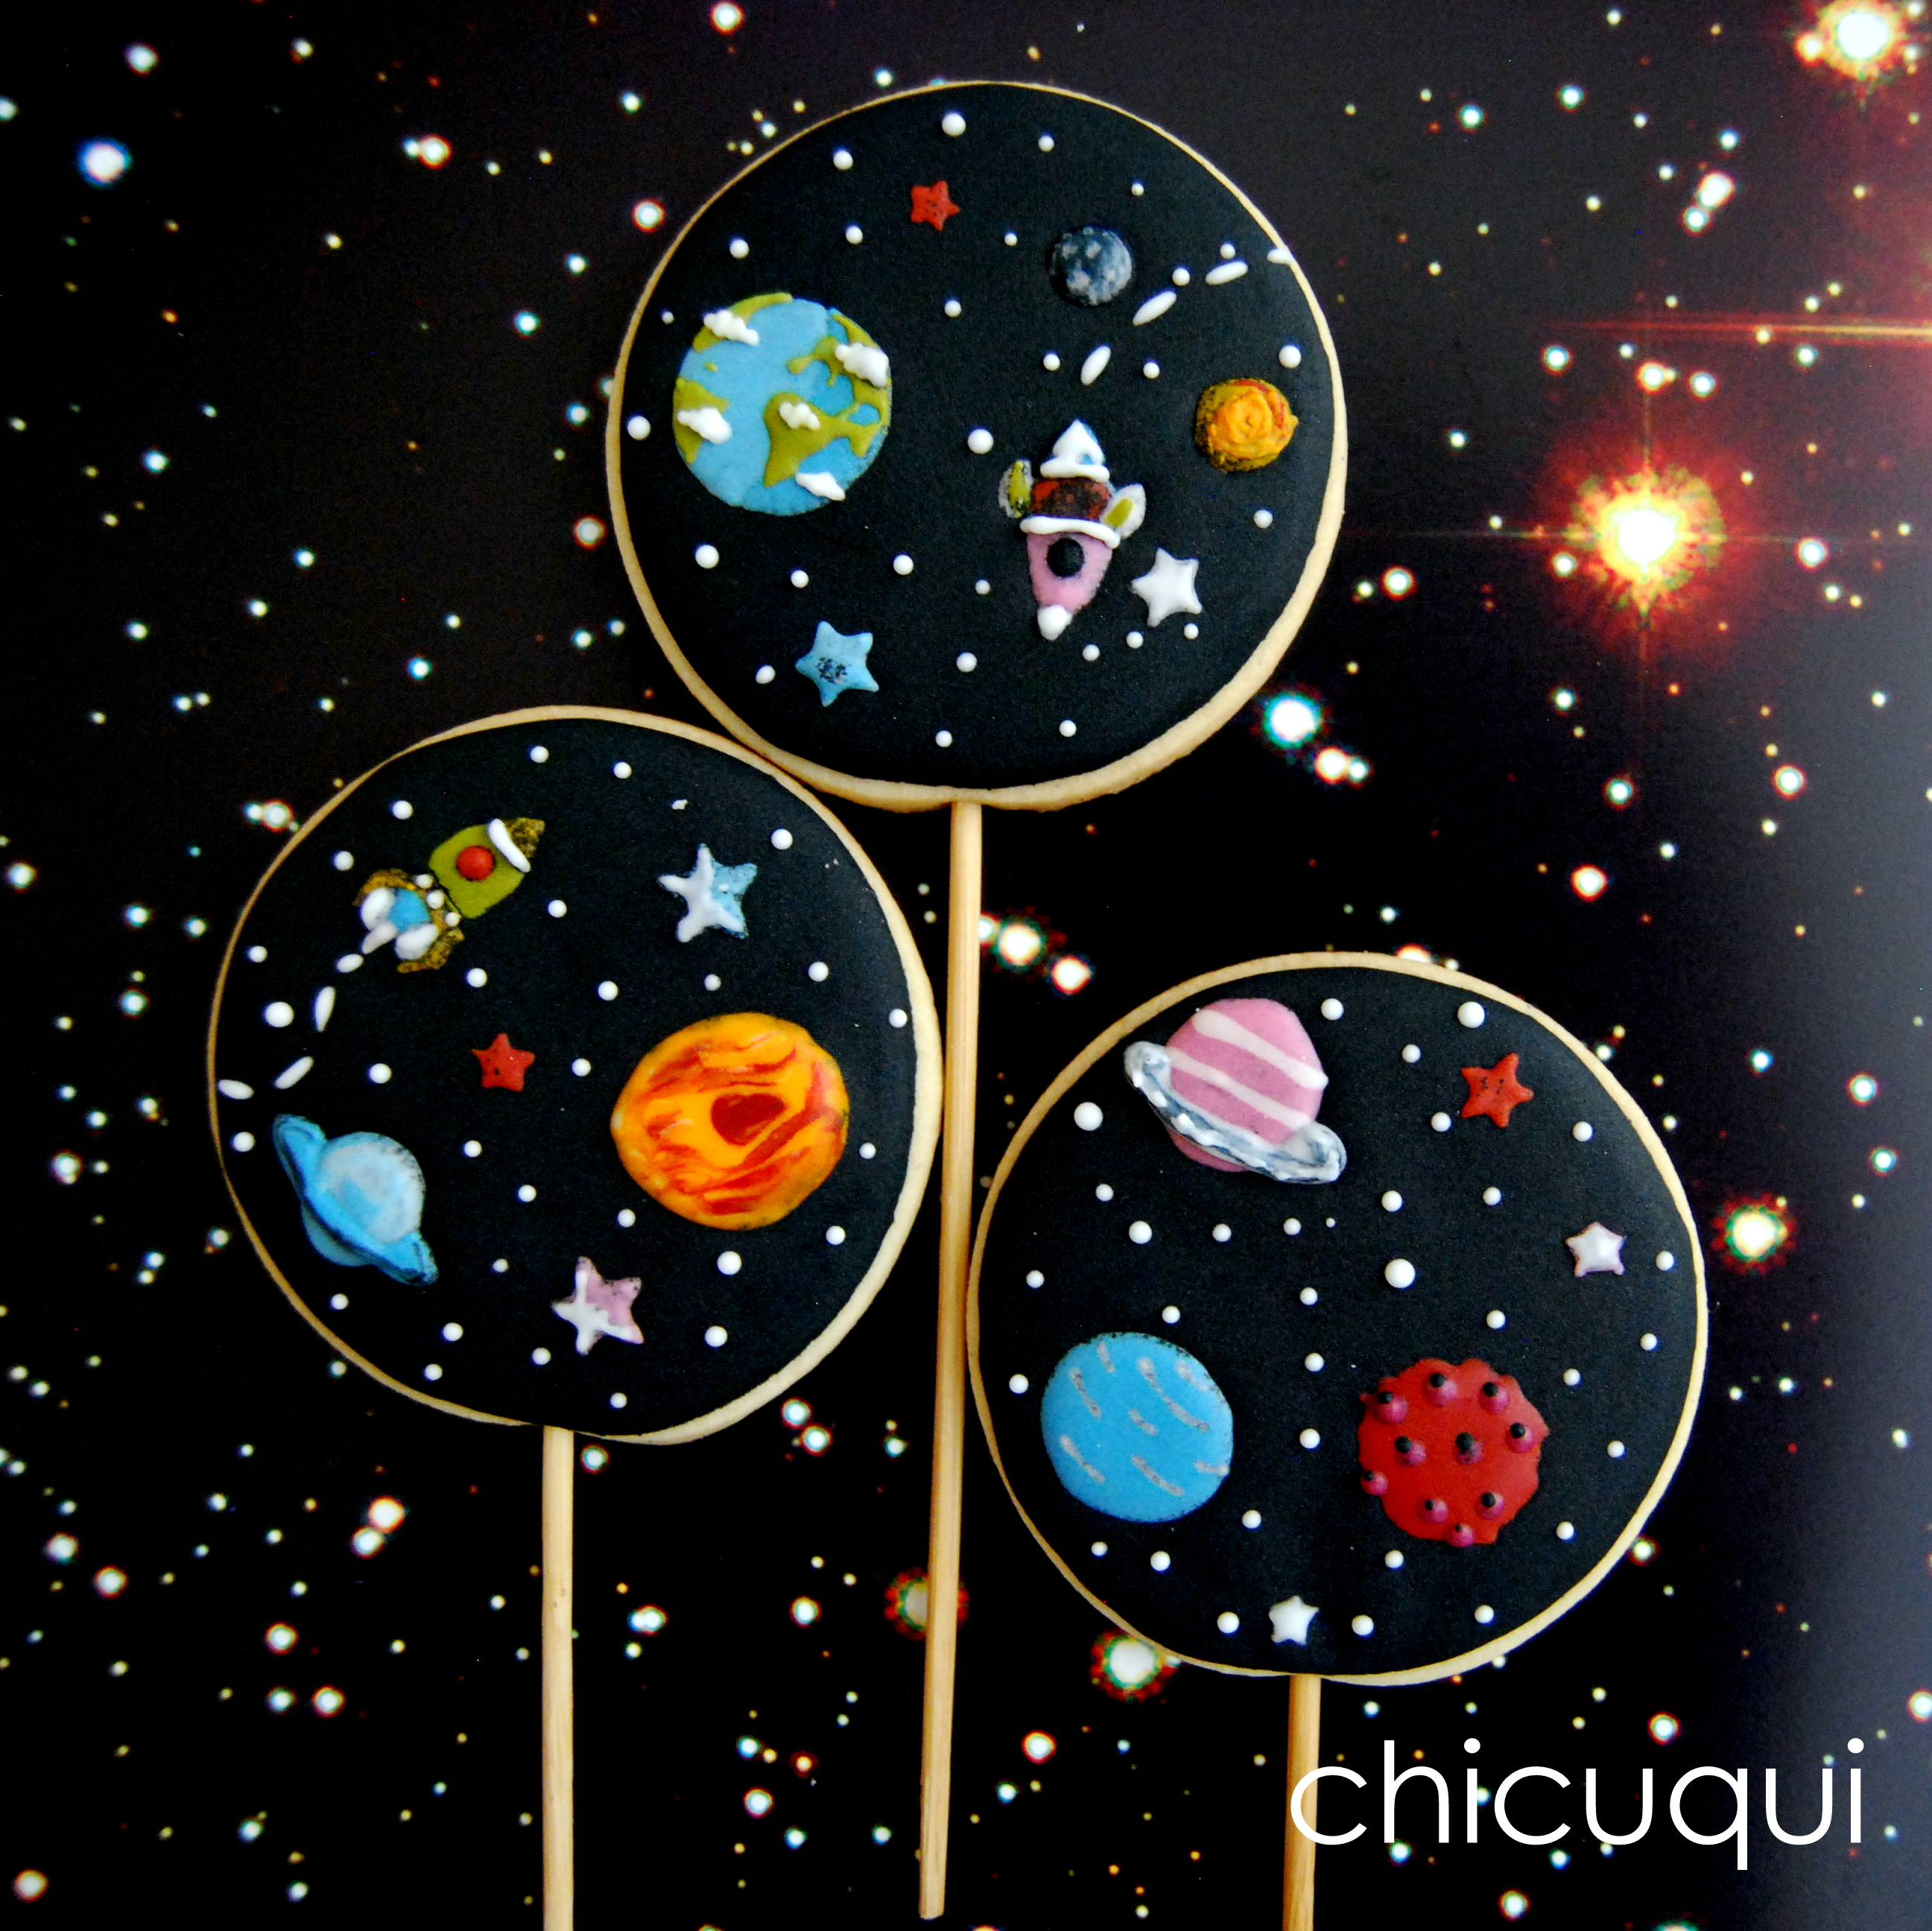 El espacio en galletas decoradas chicuqui - Dibujos infantiles del espacio ...